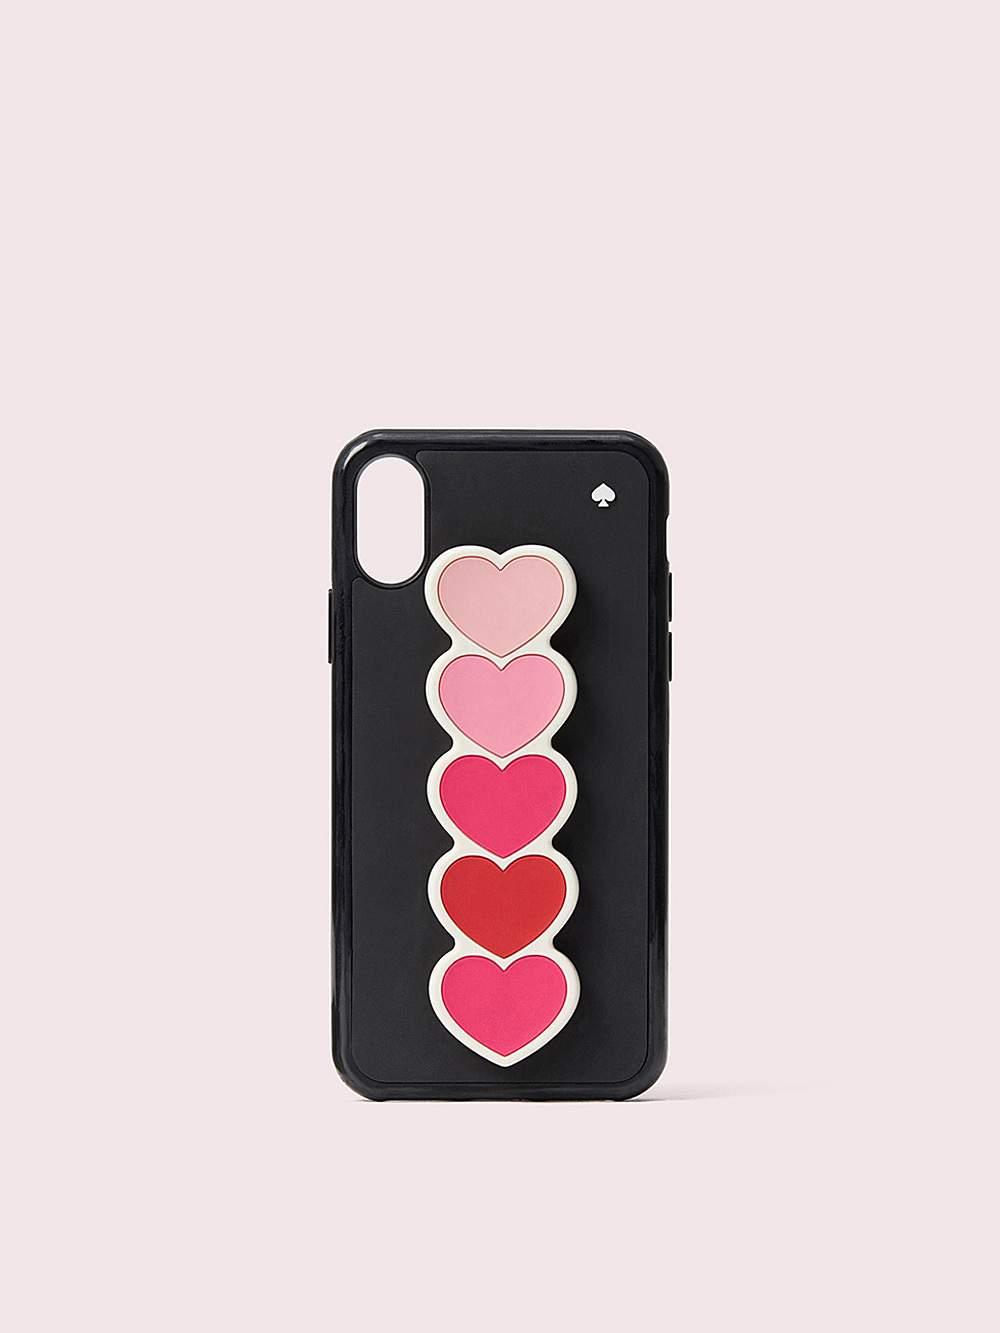 画像1: IPHONE CASES OMBRE HEART STAND - X & XS 9,720円 (税込) www.katespade.jp